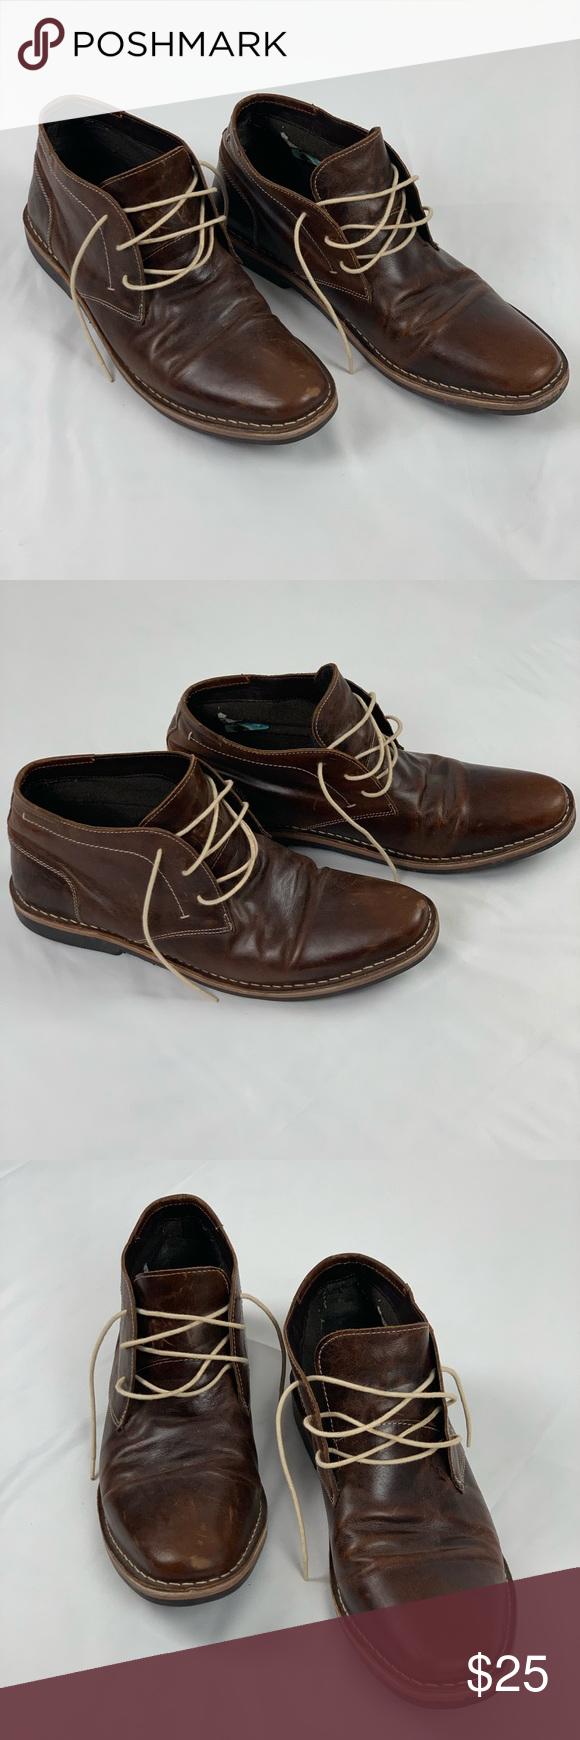 Men's Steve Madden Dress Boots. Size 16